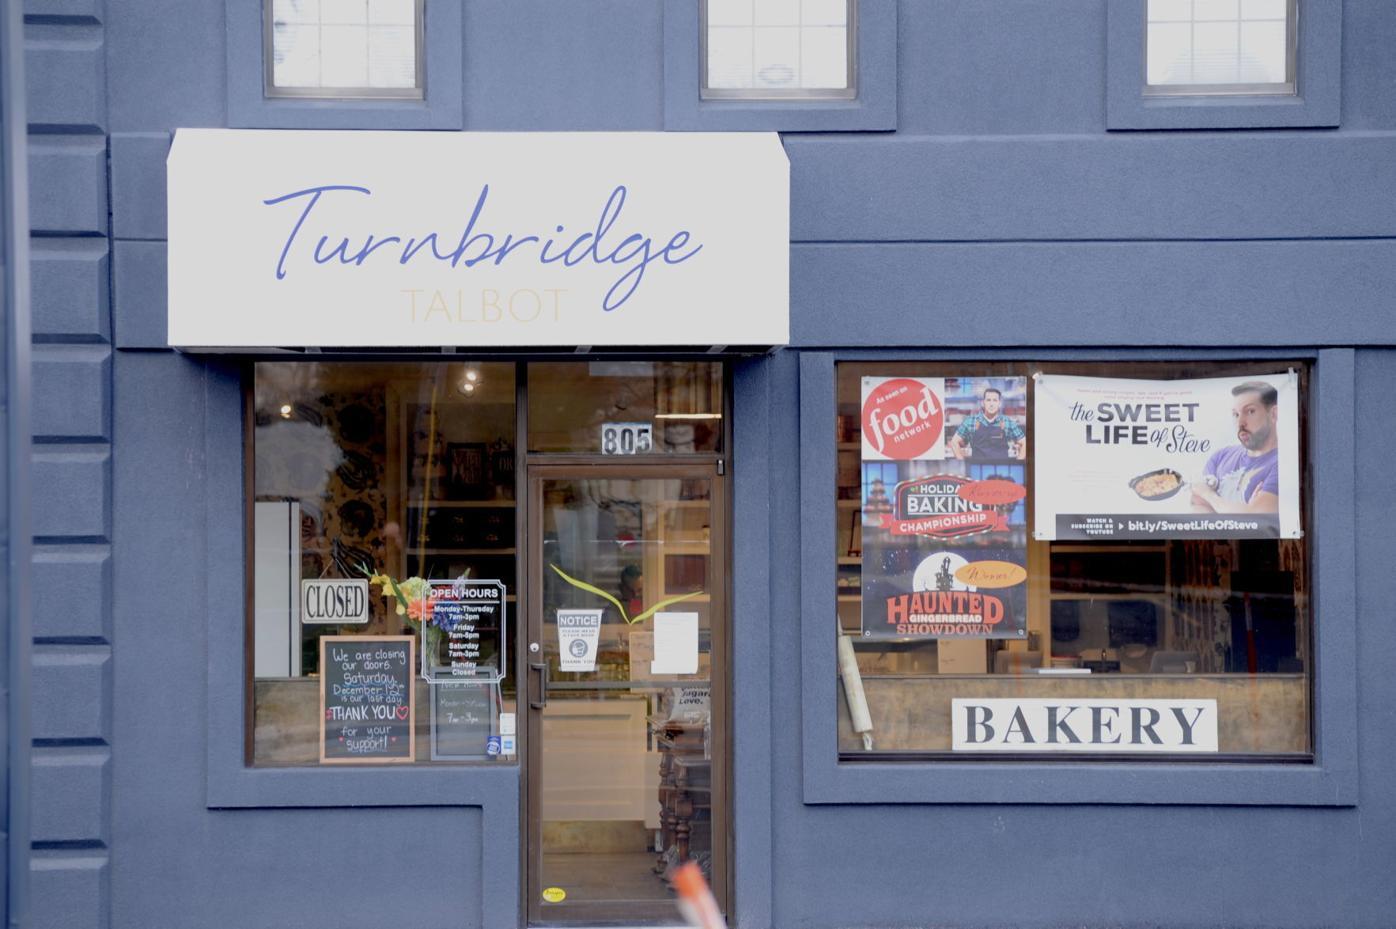 Turnbridge closes